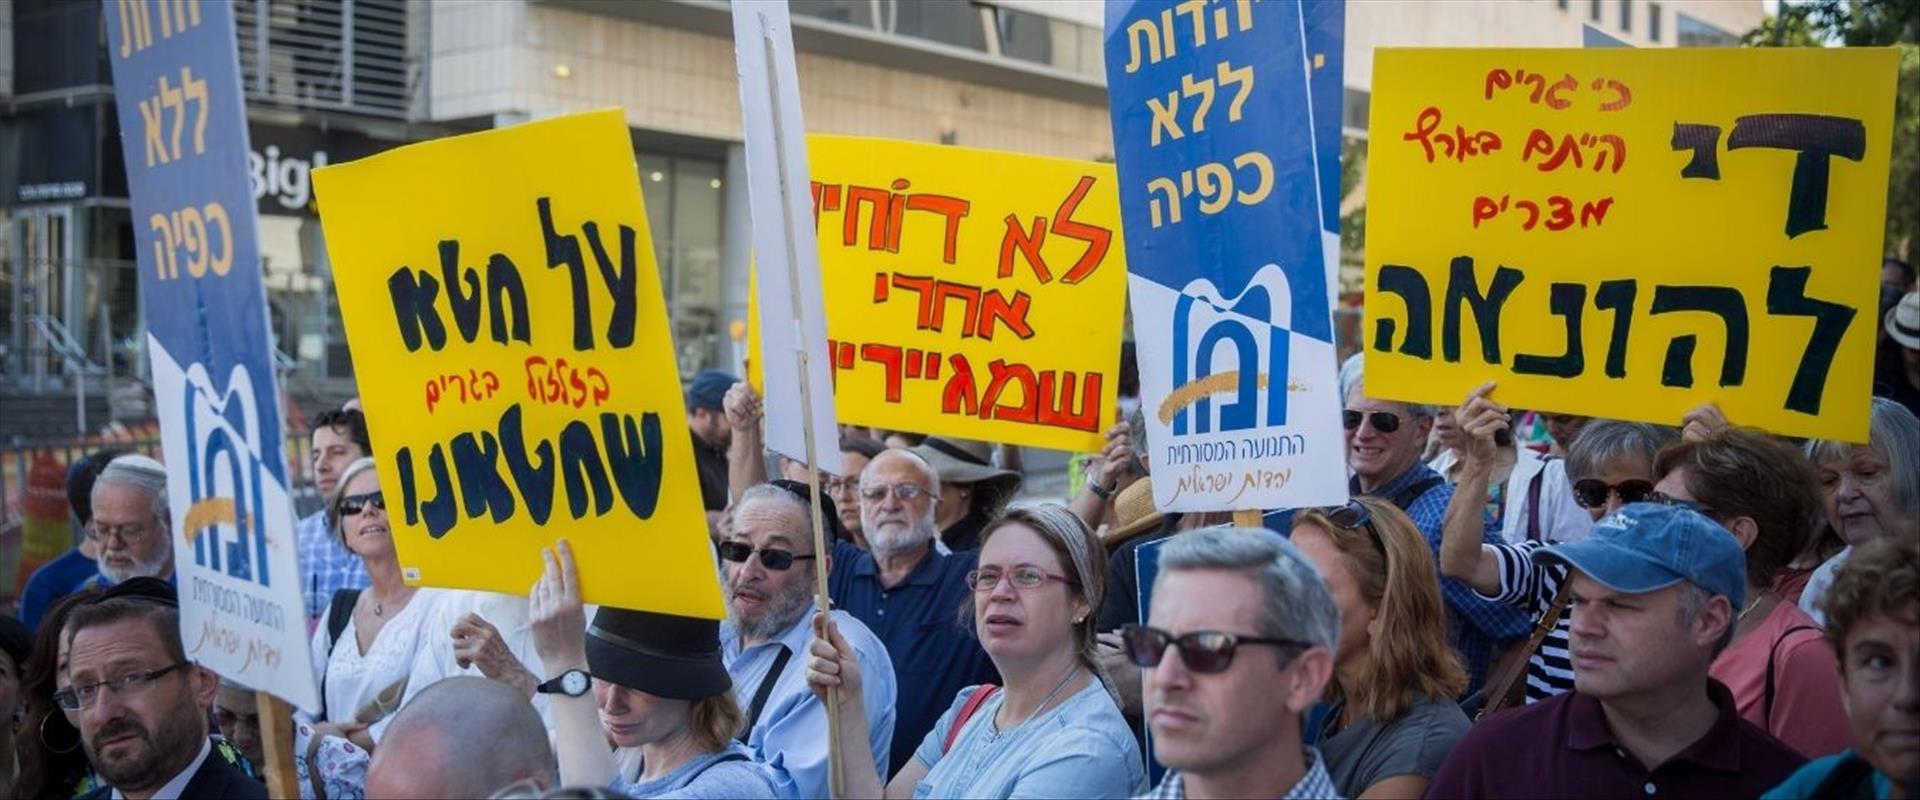 הפגנה מחוץ למשרדי הרבנות הראשית בירושלים נגד פסילת